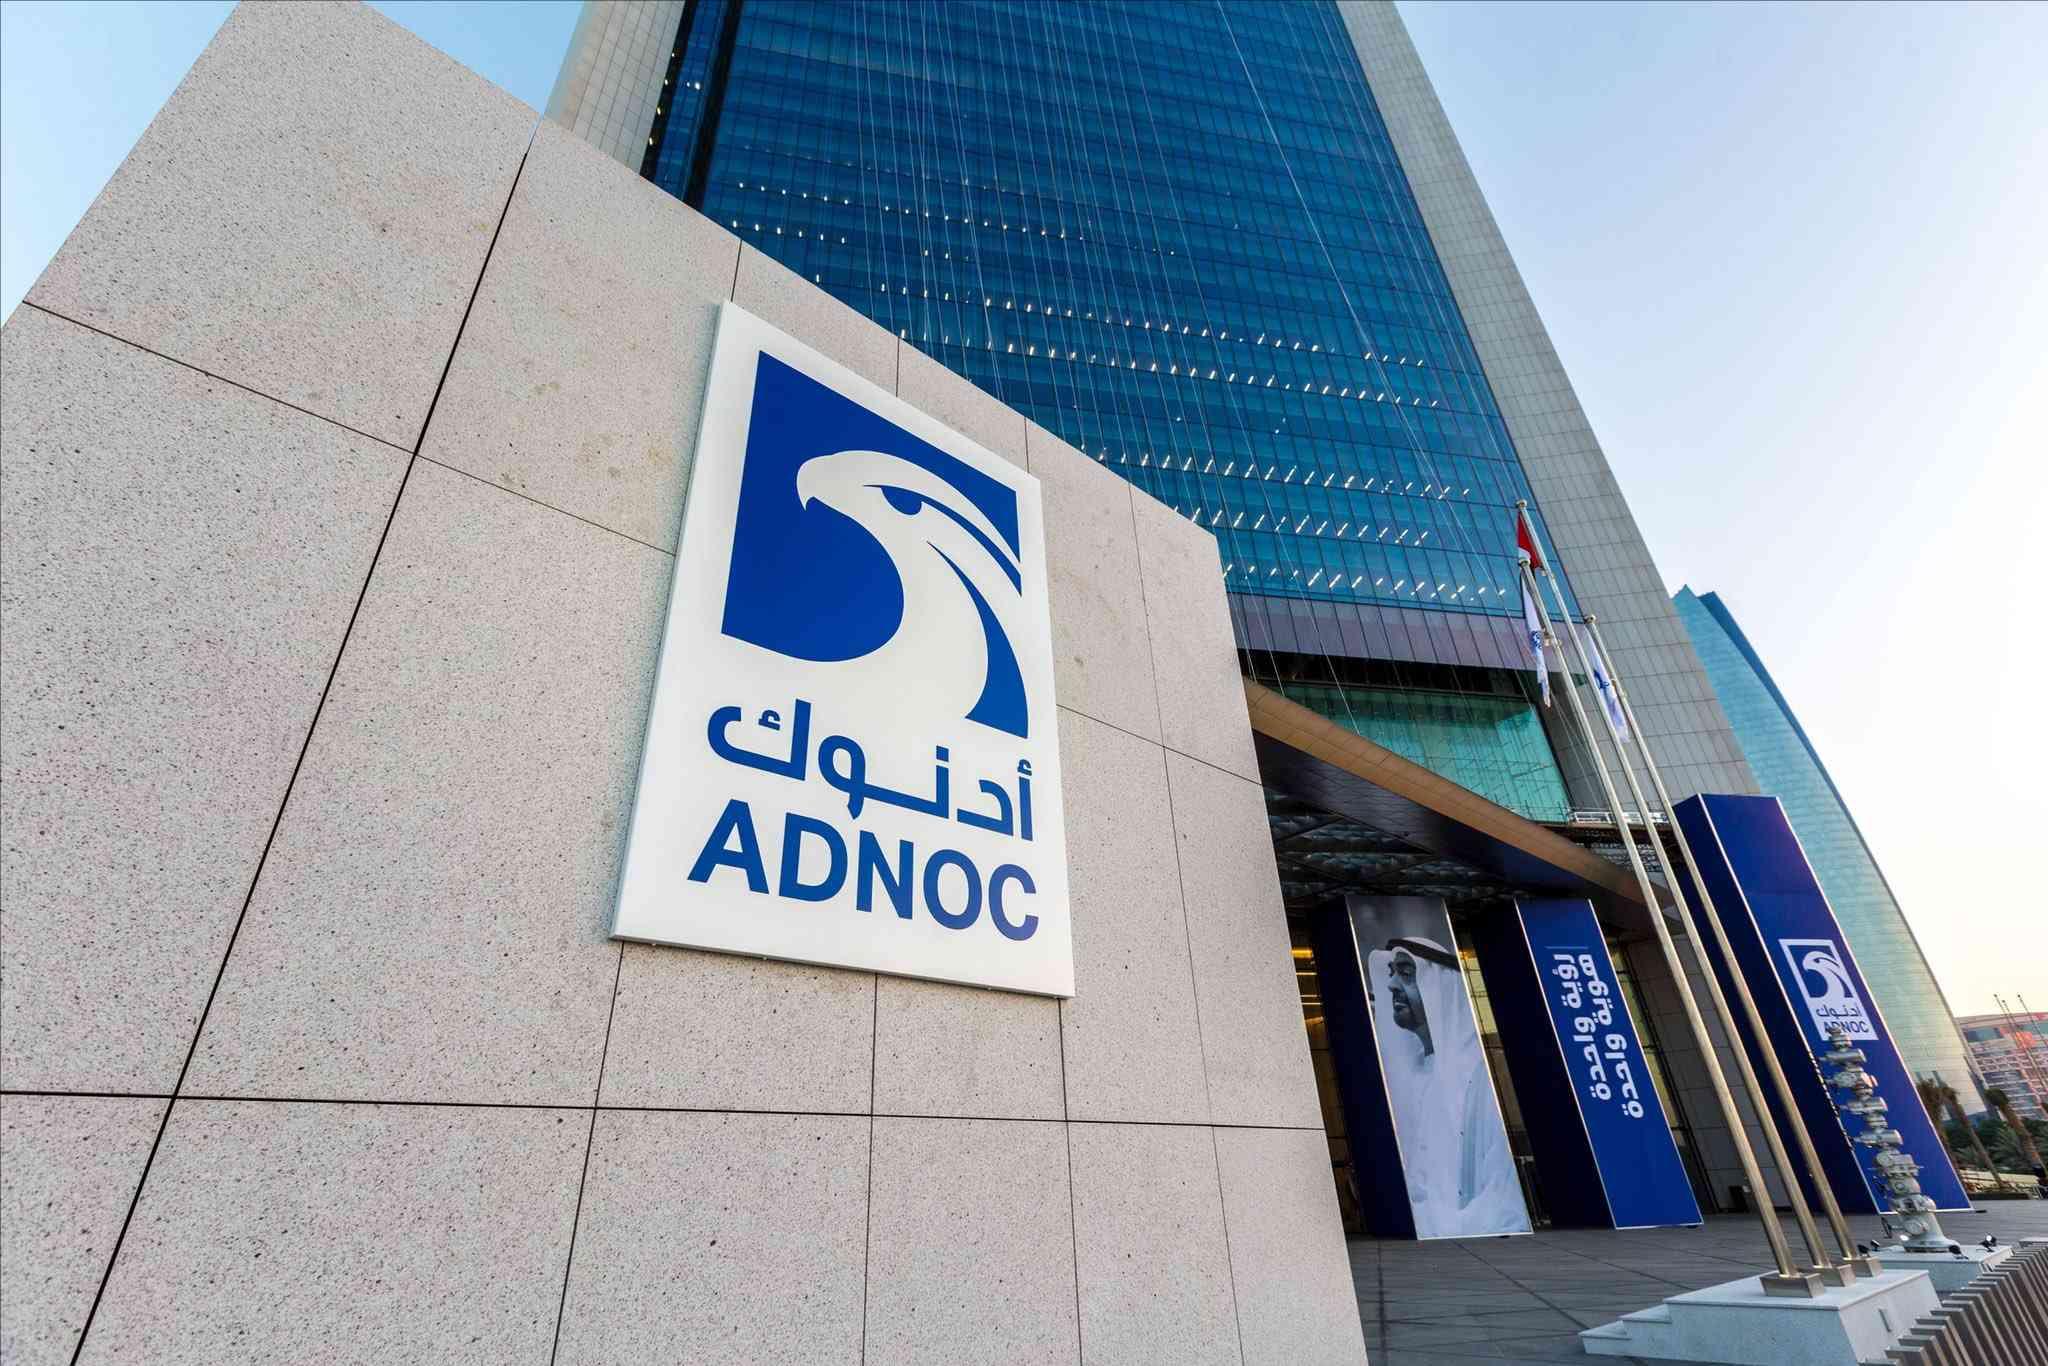 أدنوك تستثمر 2.8 مليار درهم في الخدمات المساندة للحفر لزيادة السعة الإنتاجية من النفط